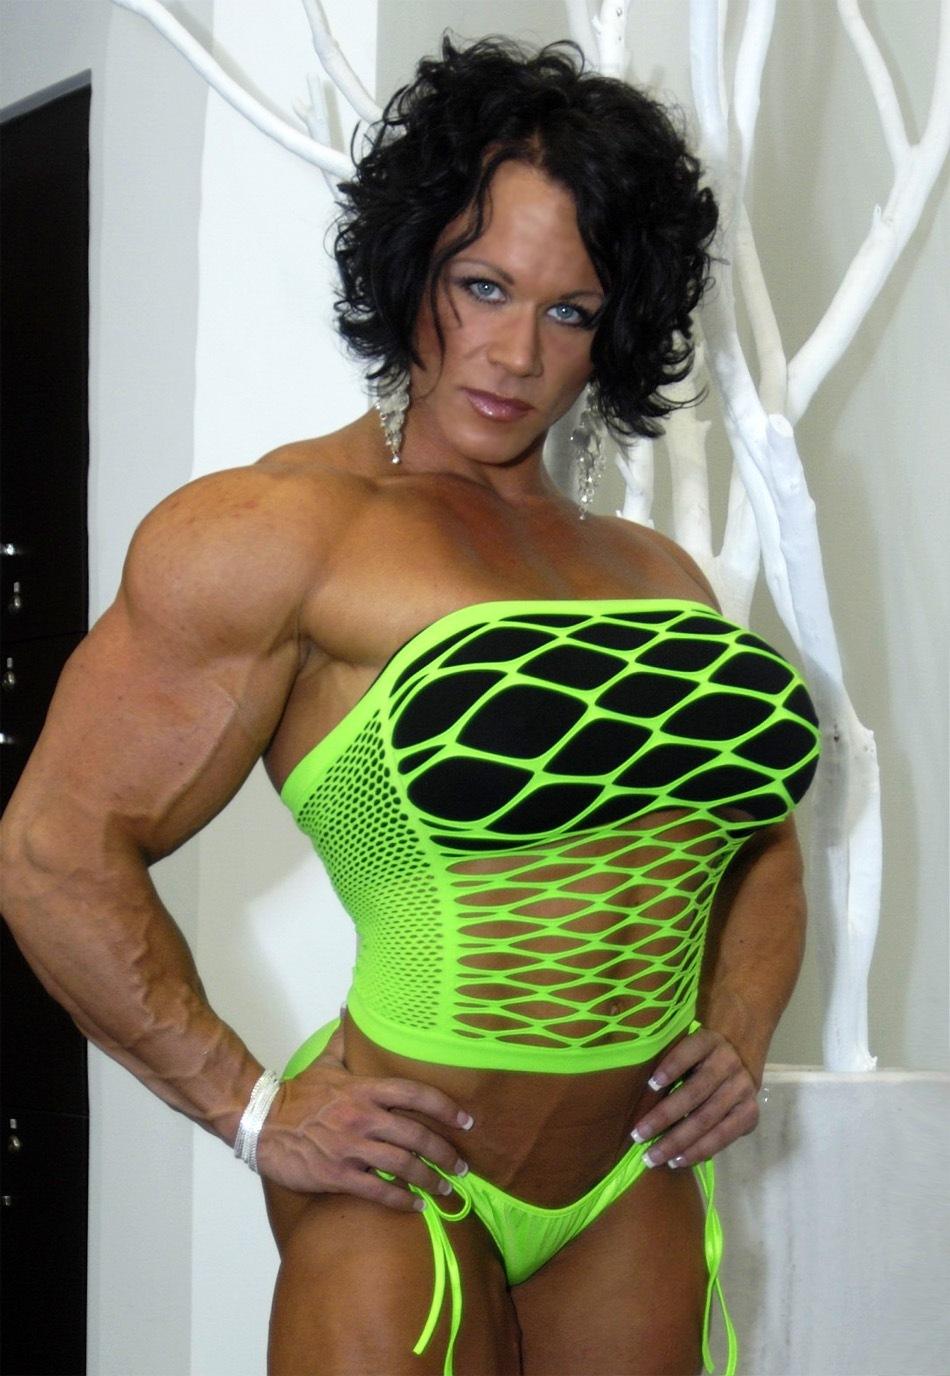 from Kade big girl bodybuilder naked